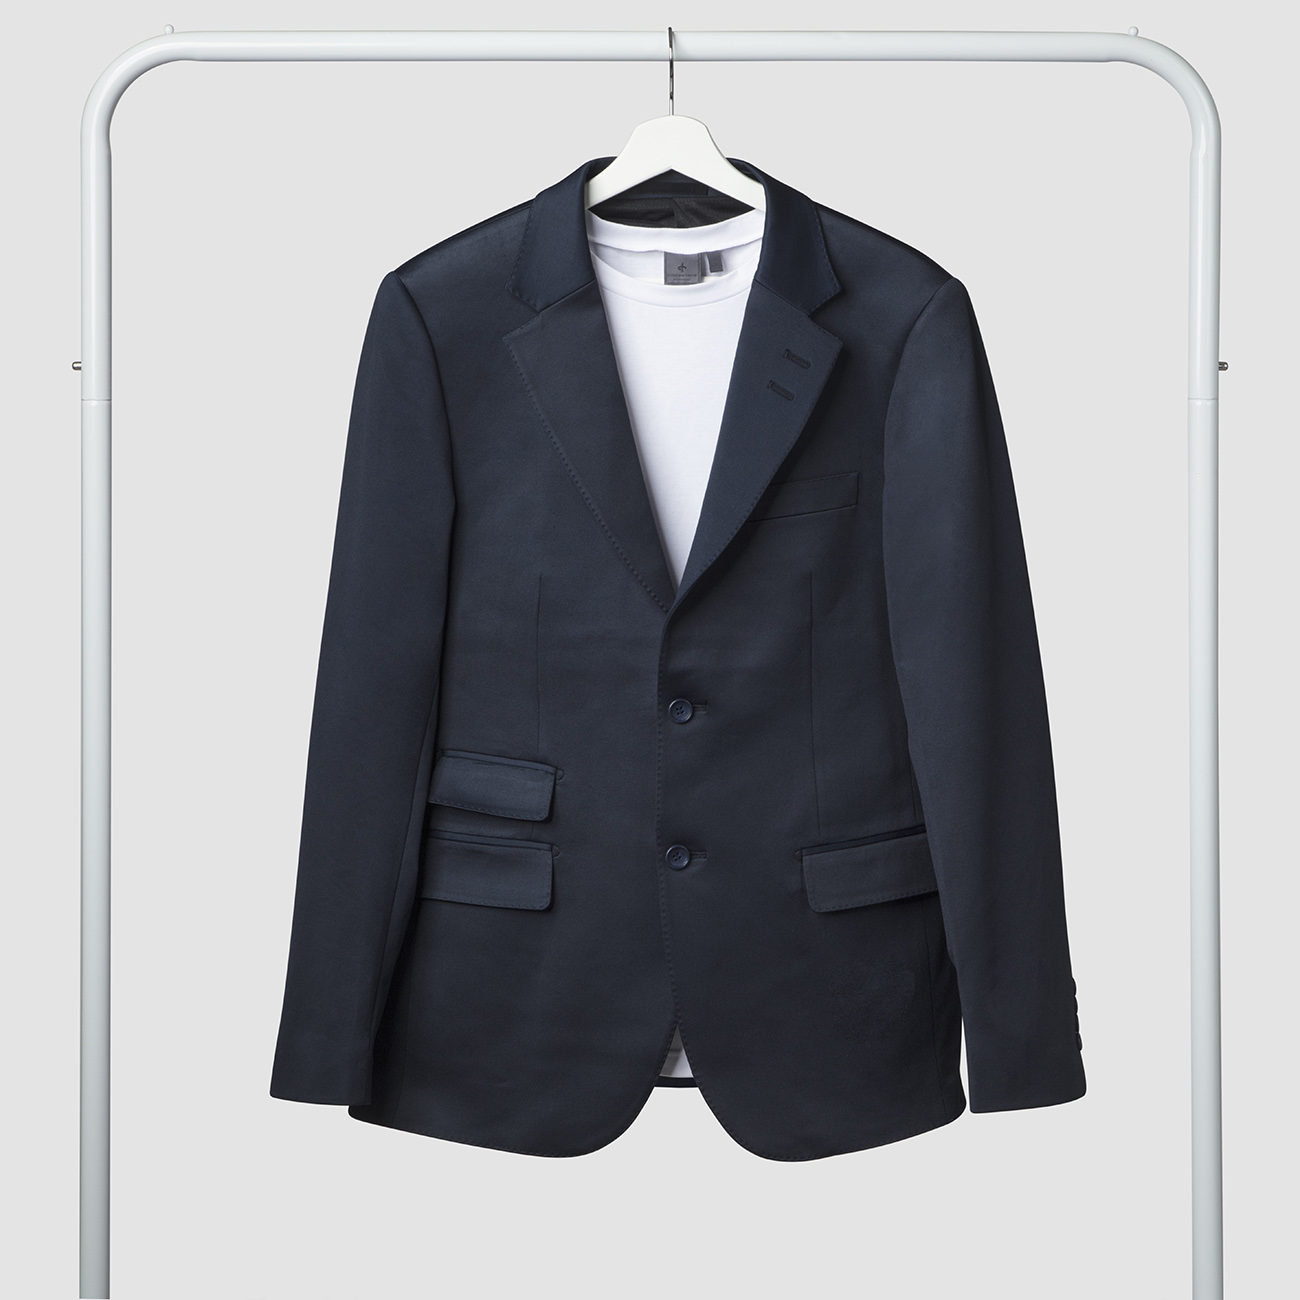 frontproduktfotograf-cross-sportswear-2